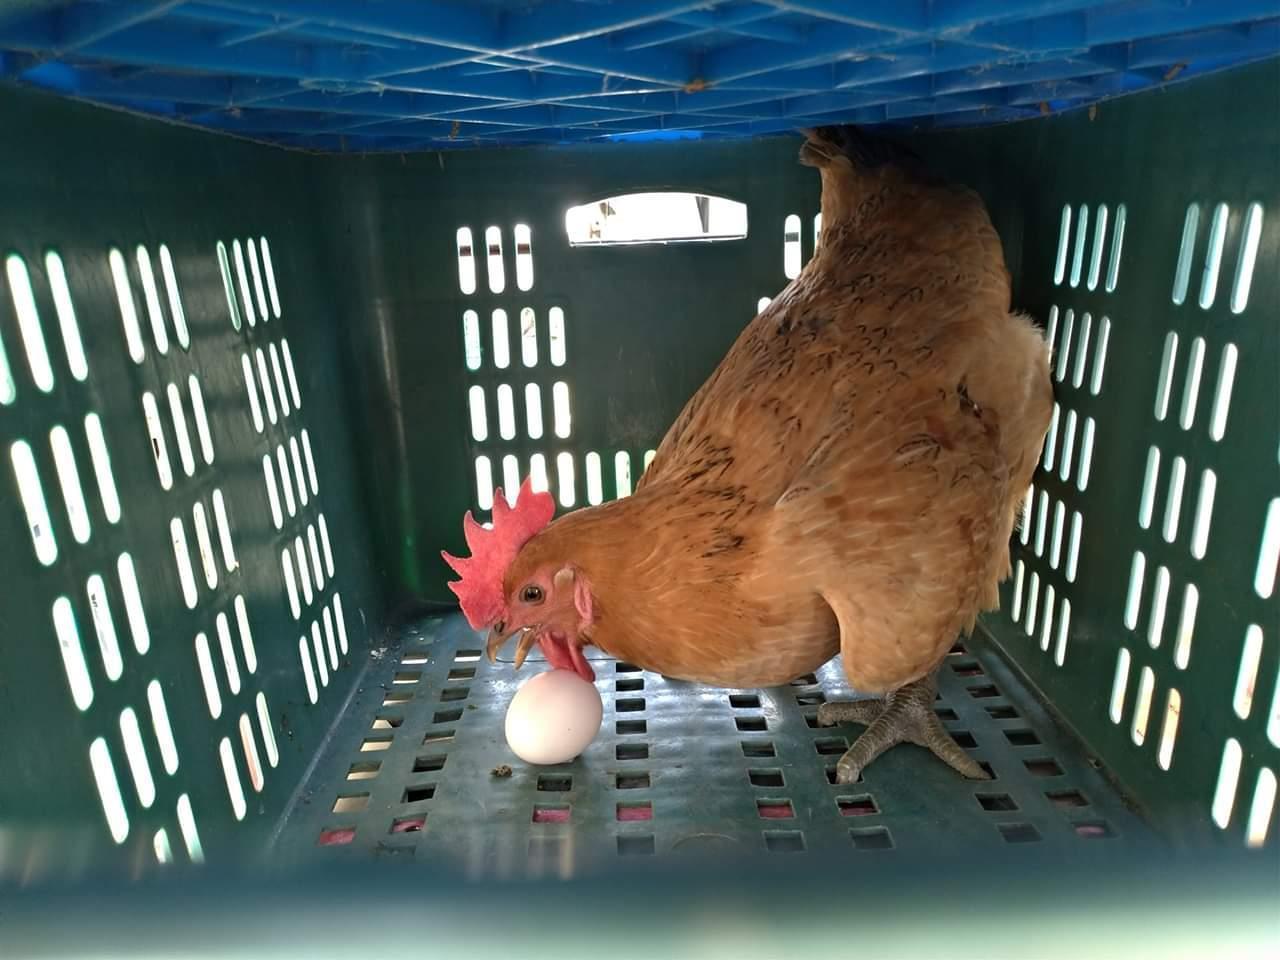 在自家門口撿到一隻走失的雞,沒想到牠直接在籃子中下蛋。圖擷自爆廢公社公開版